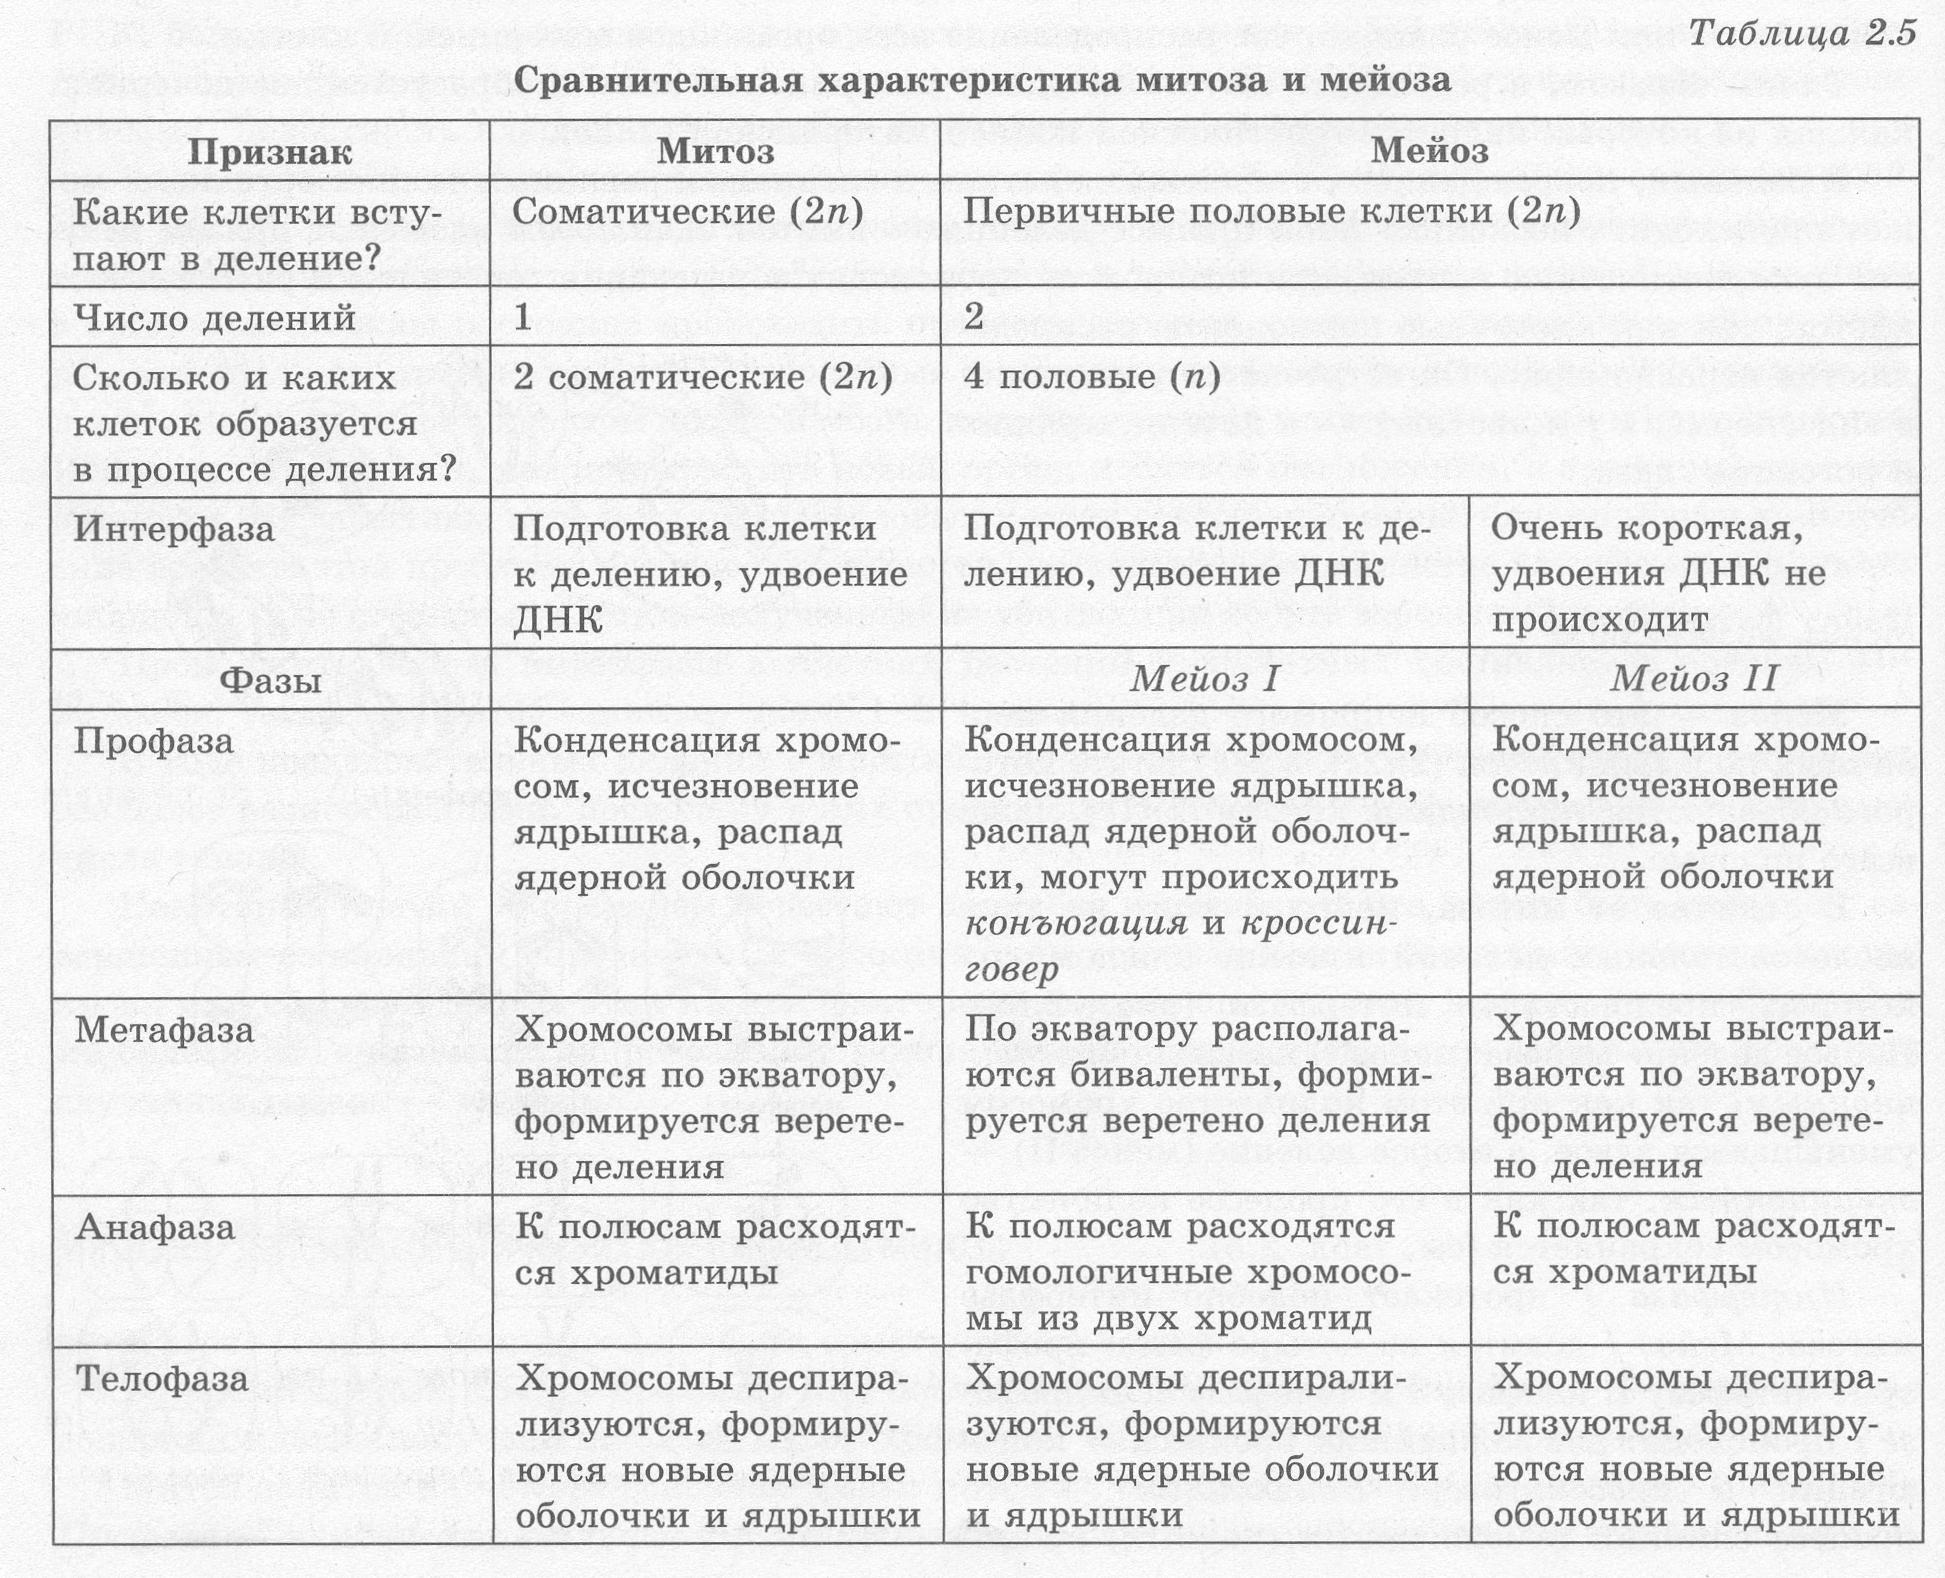 Этапы мейоза таблица